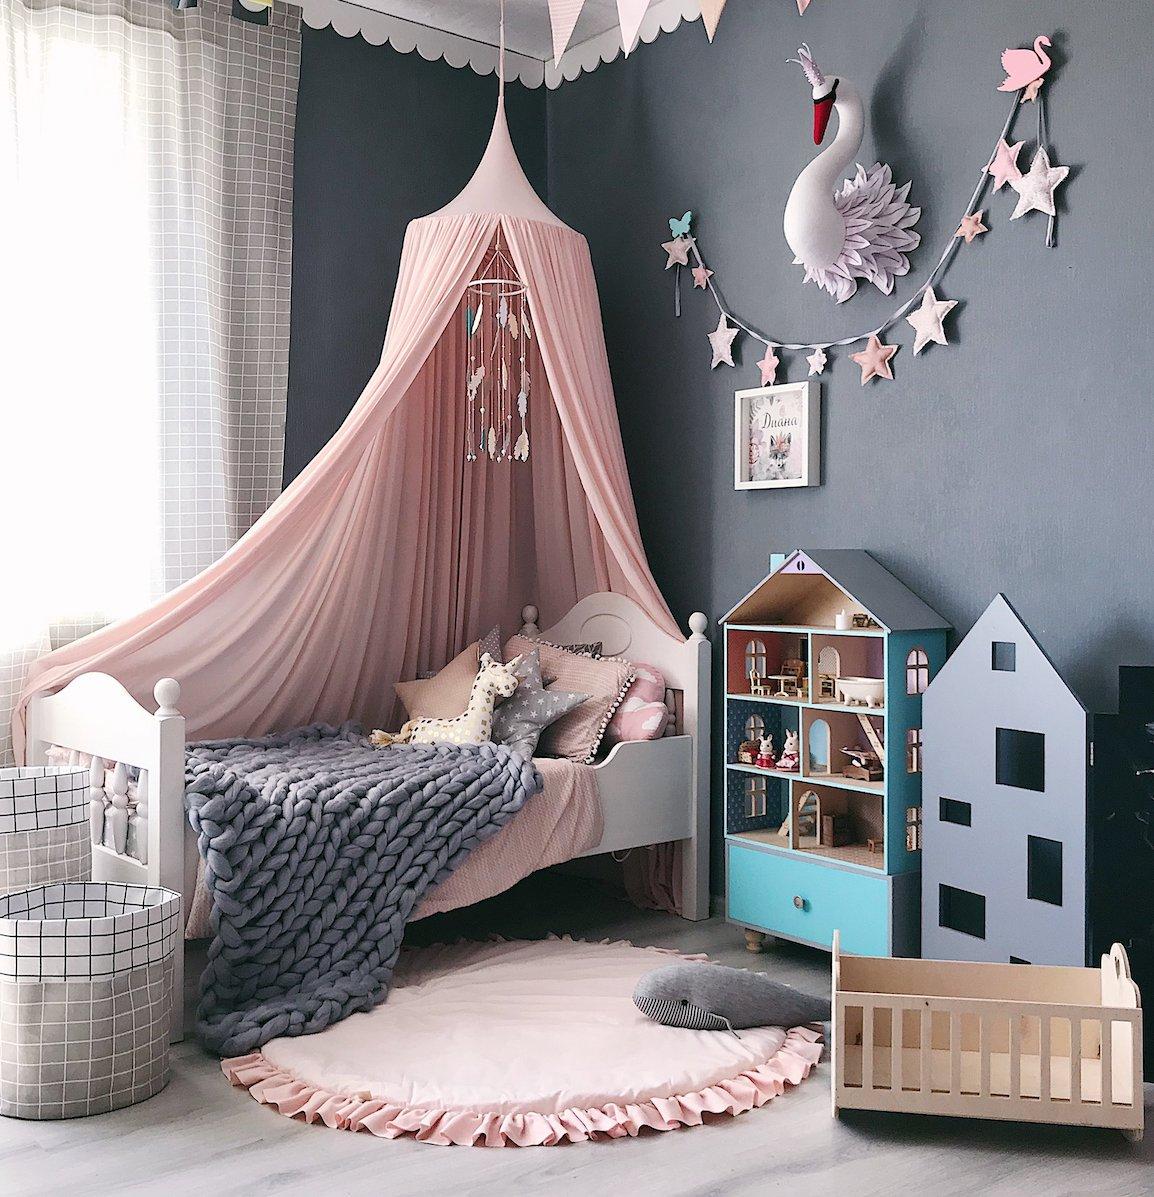 rose blush chambre enfant gris bucolique couleurs douces jeu bois - blog déco - clem around the corner